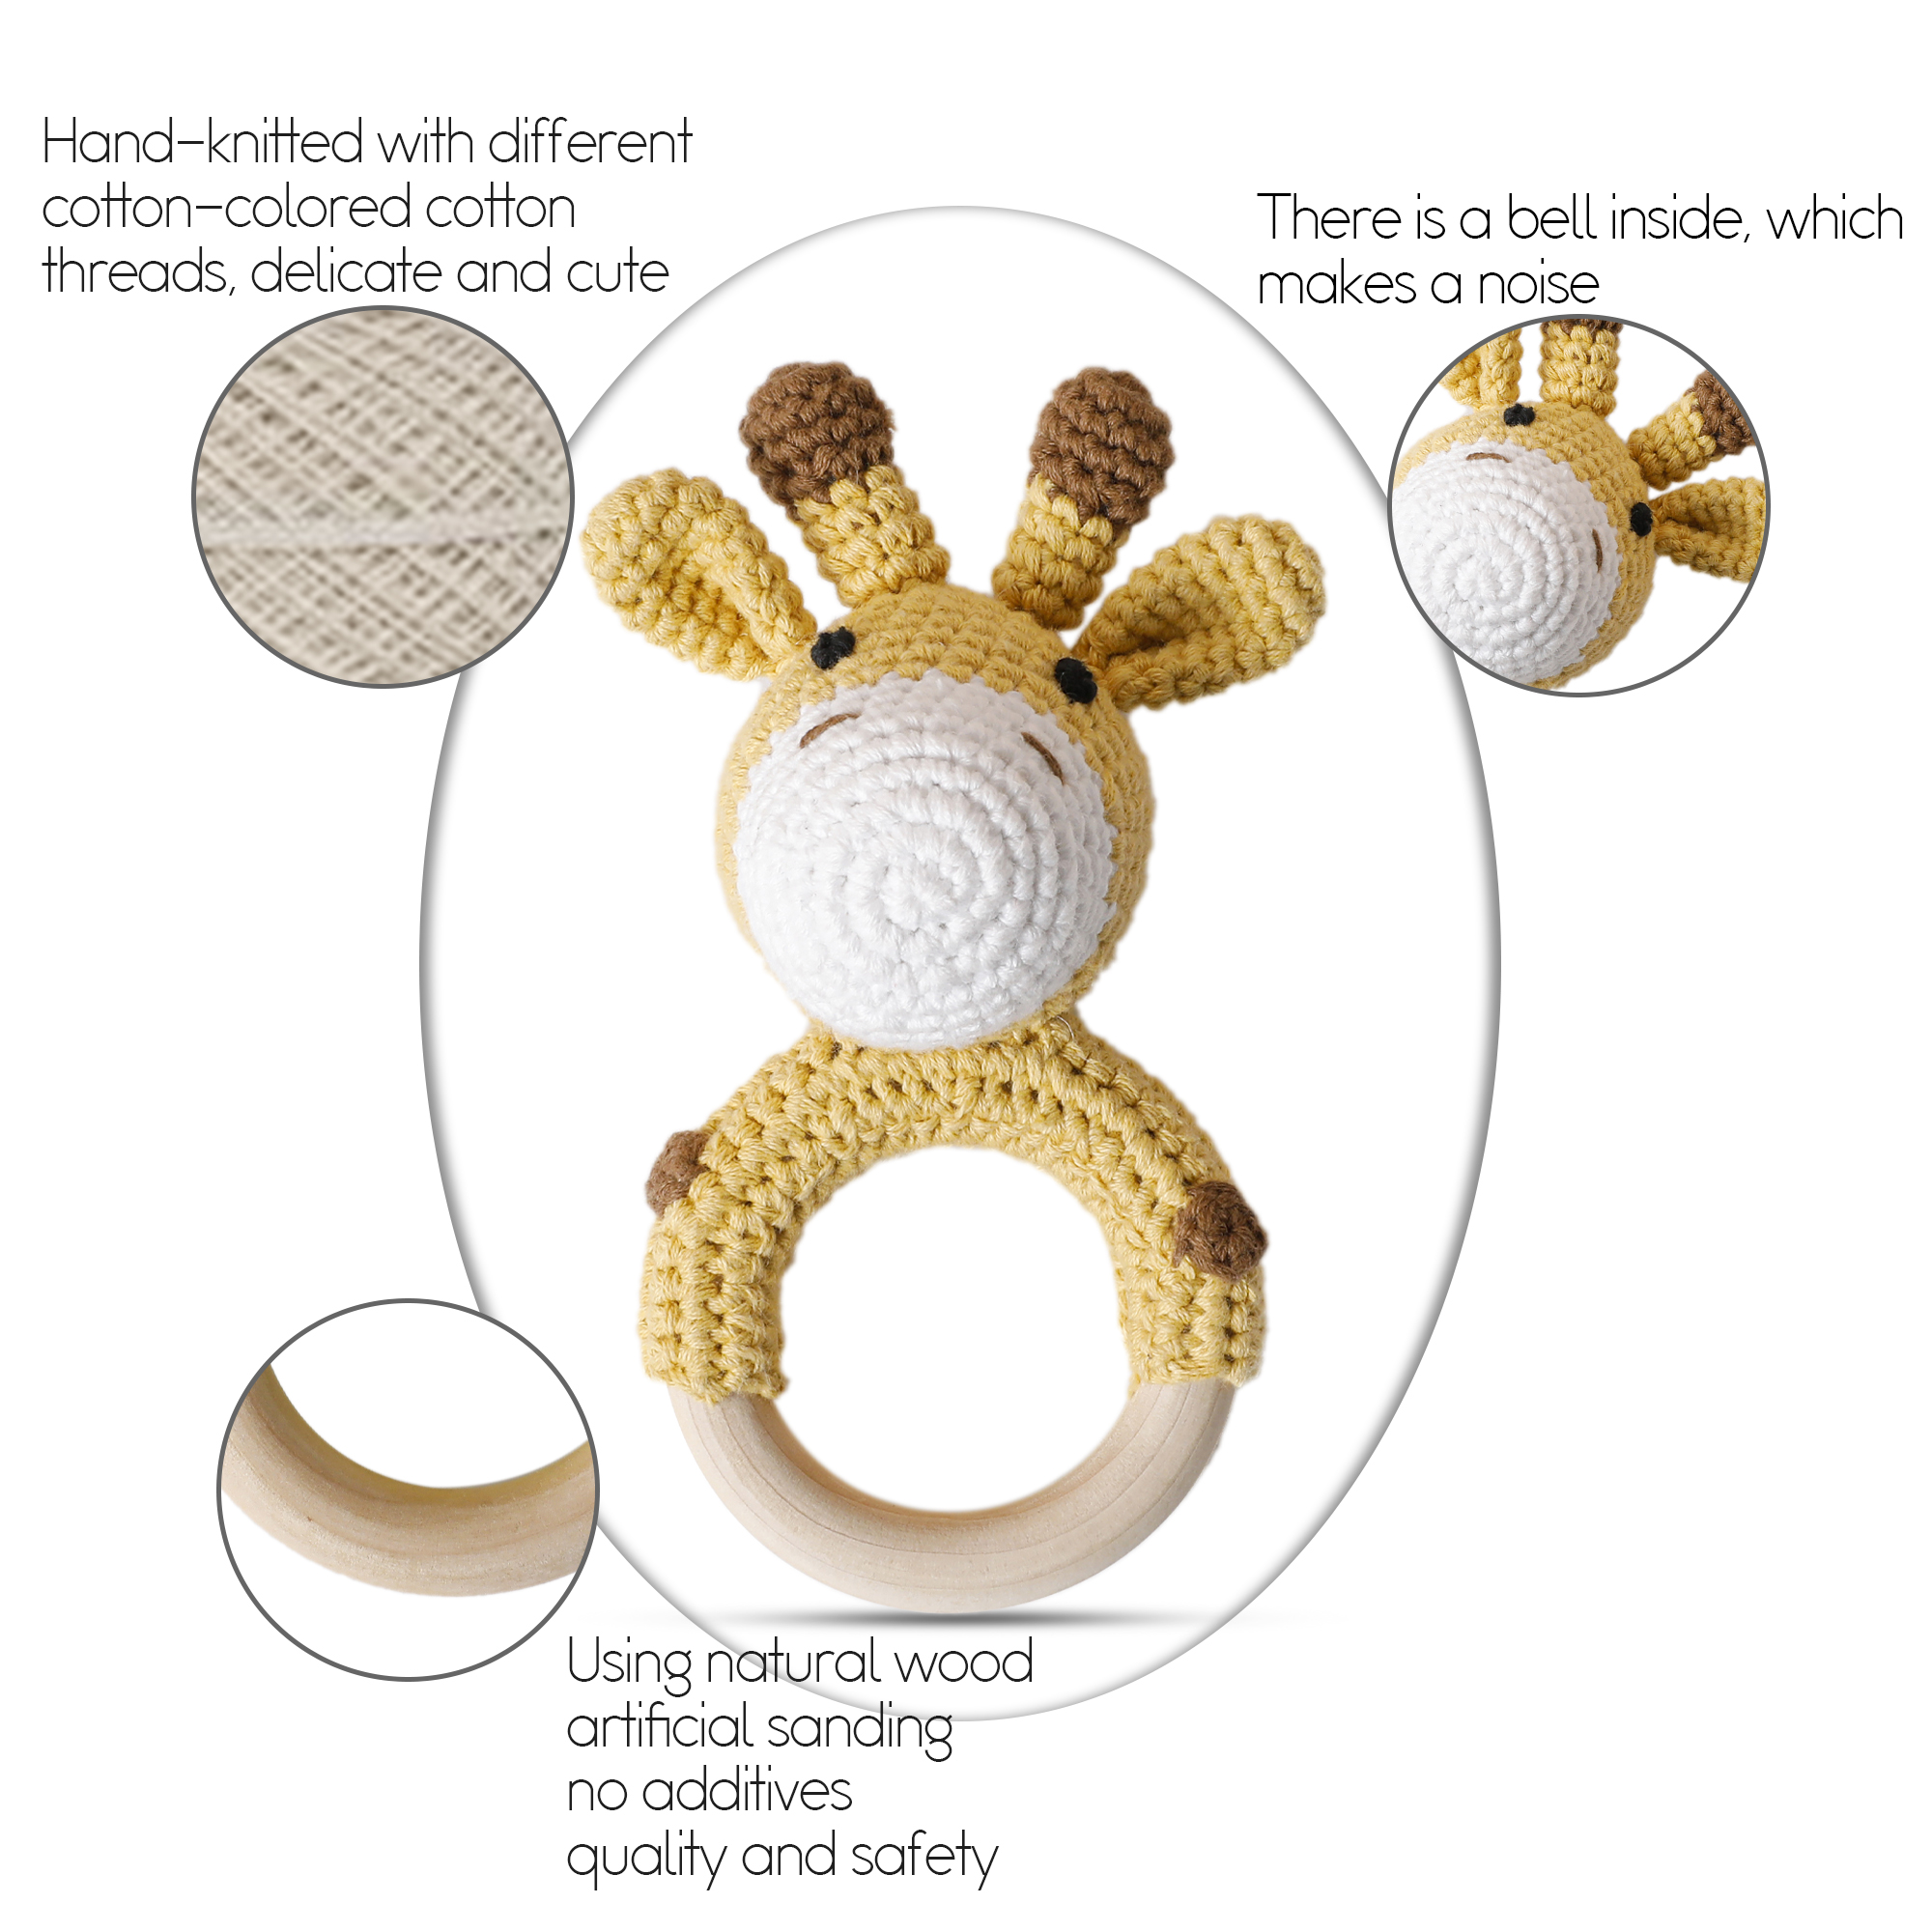 Bopoobo 1 հատ մանկական ատամնափայտ ապահով - Խաղալիքներ նորածինների համար - Լուսանկար 3